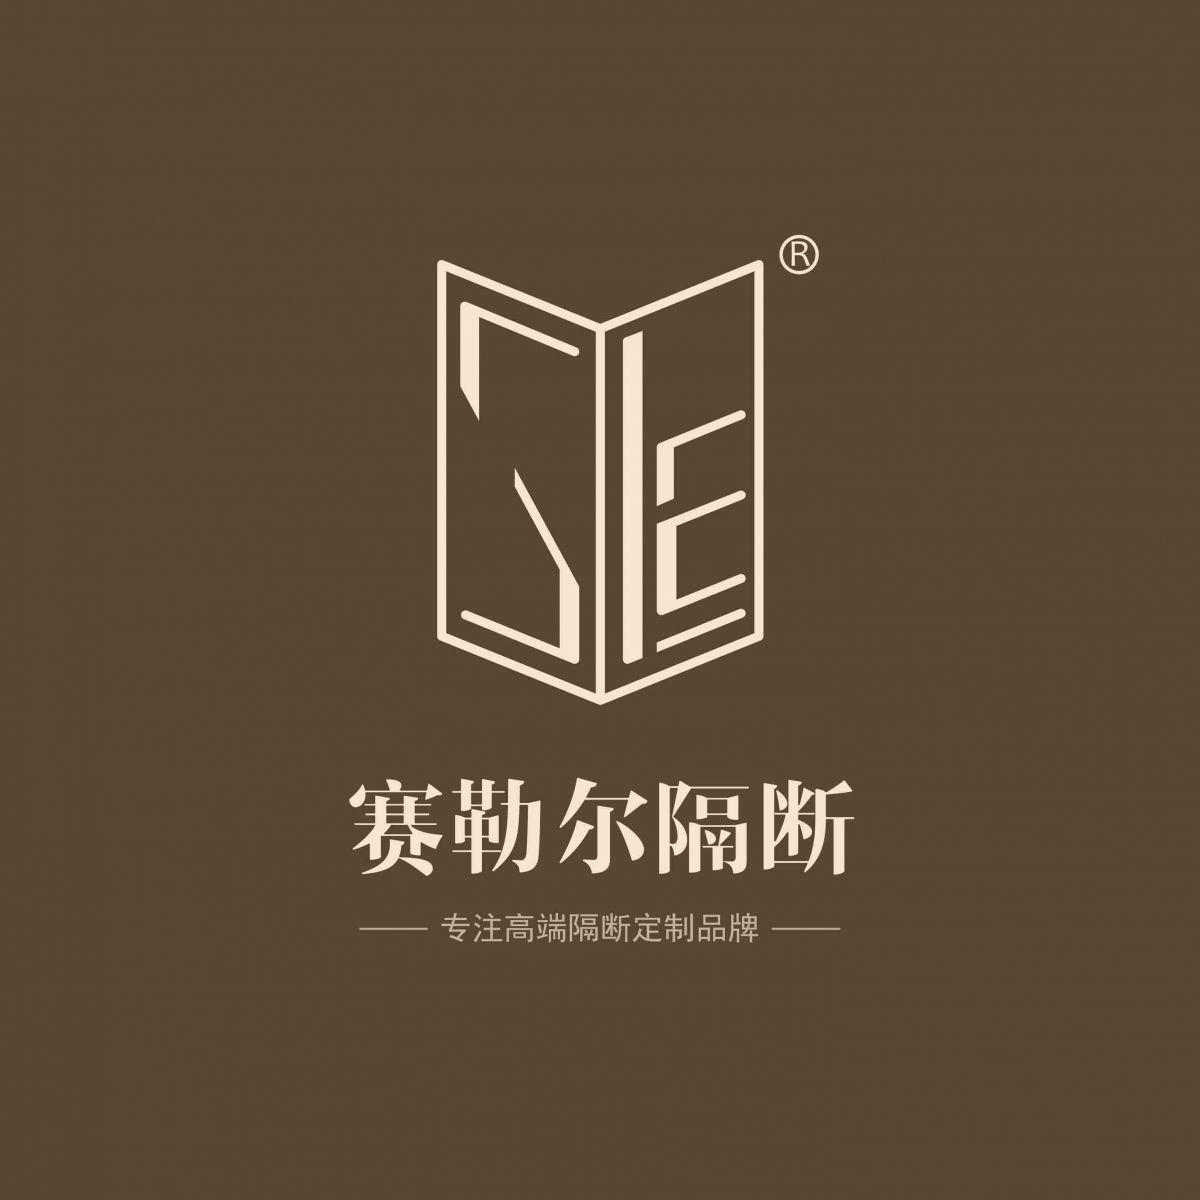 深圳赛勒尔隔断工程有限公司